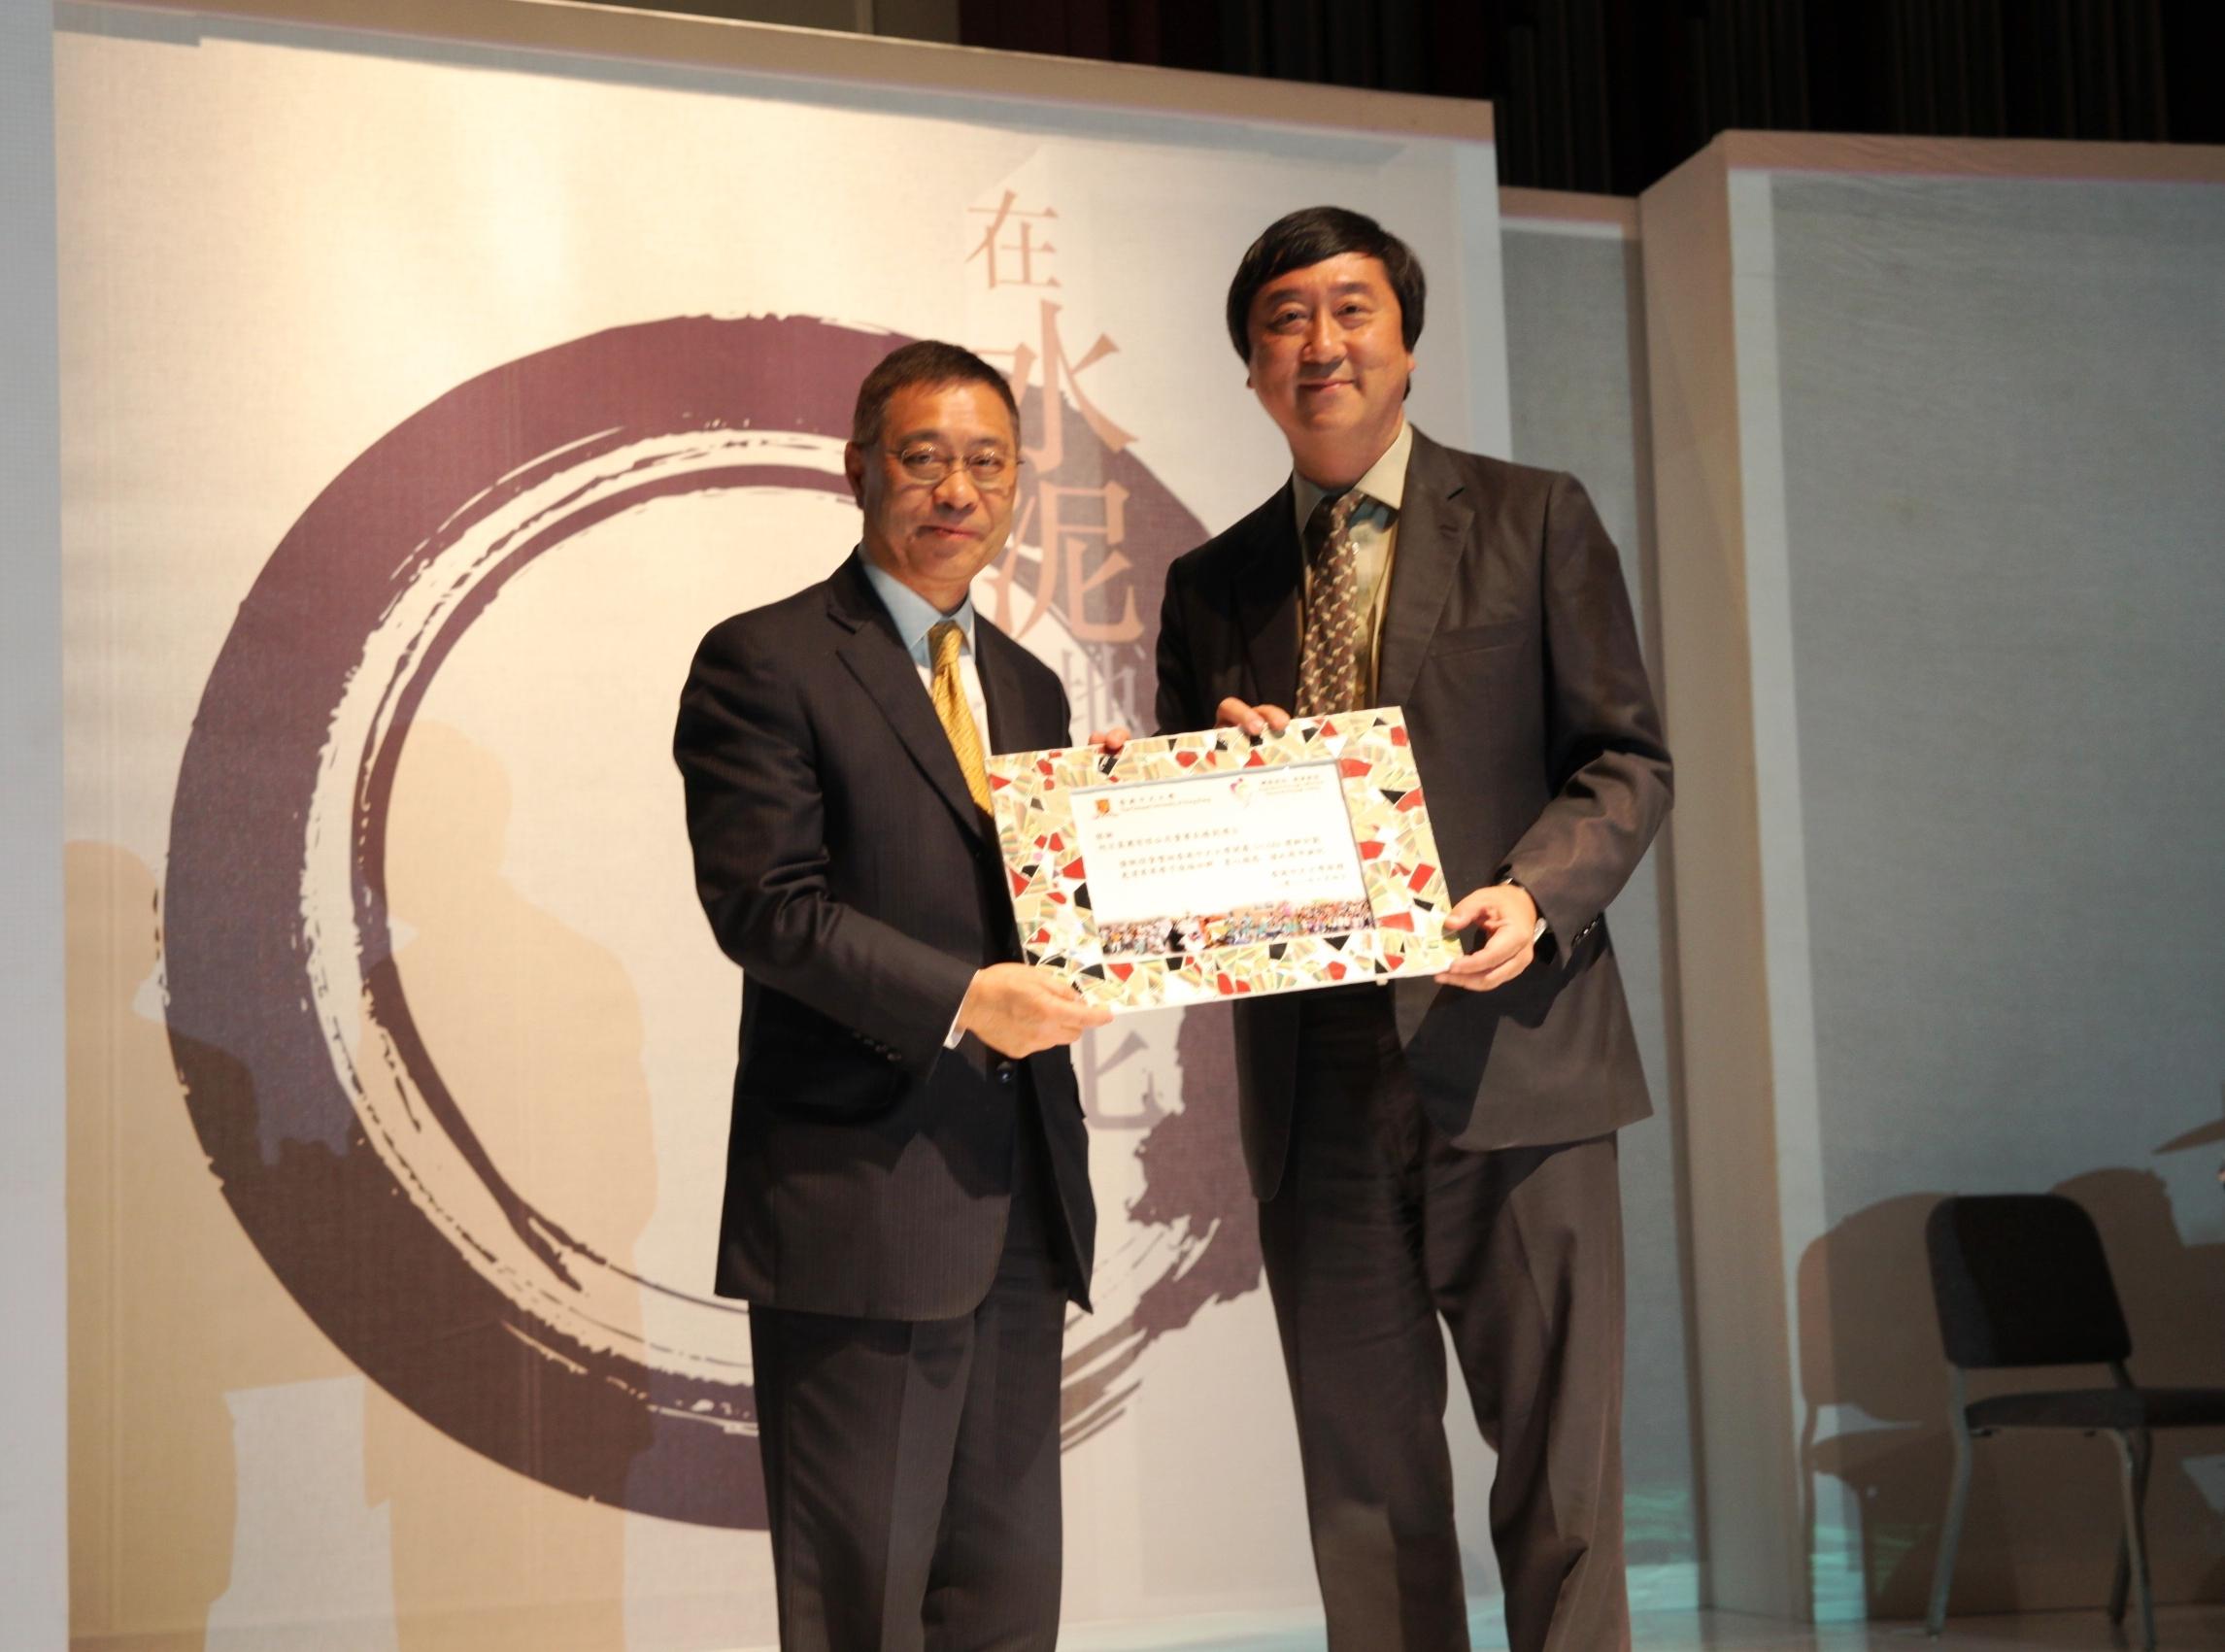 沈祖堯校長致送紀念品予博群計劃捐款機構──旭日集團,由集團副總裁陳永根先生代領。